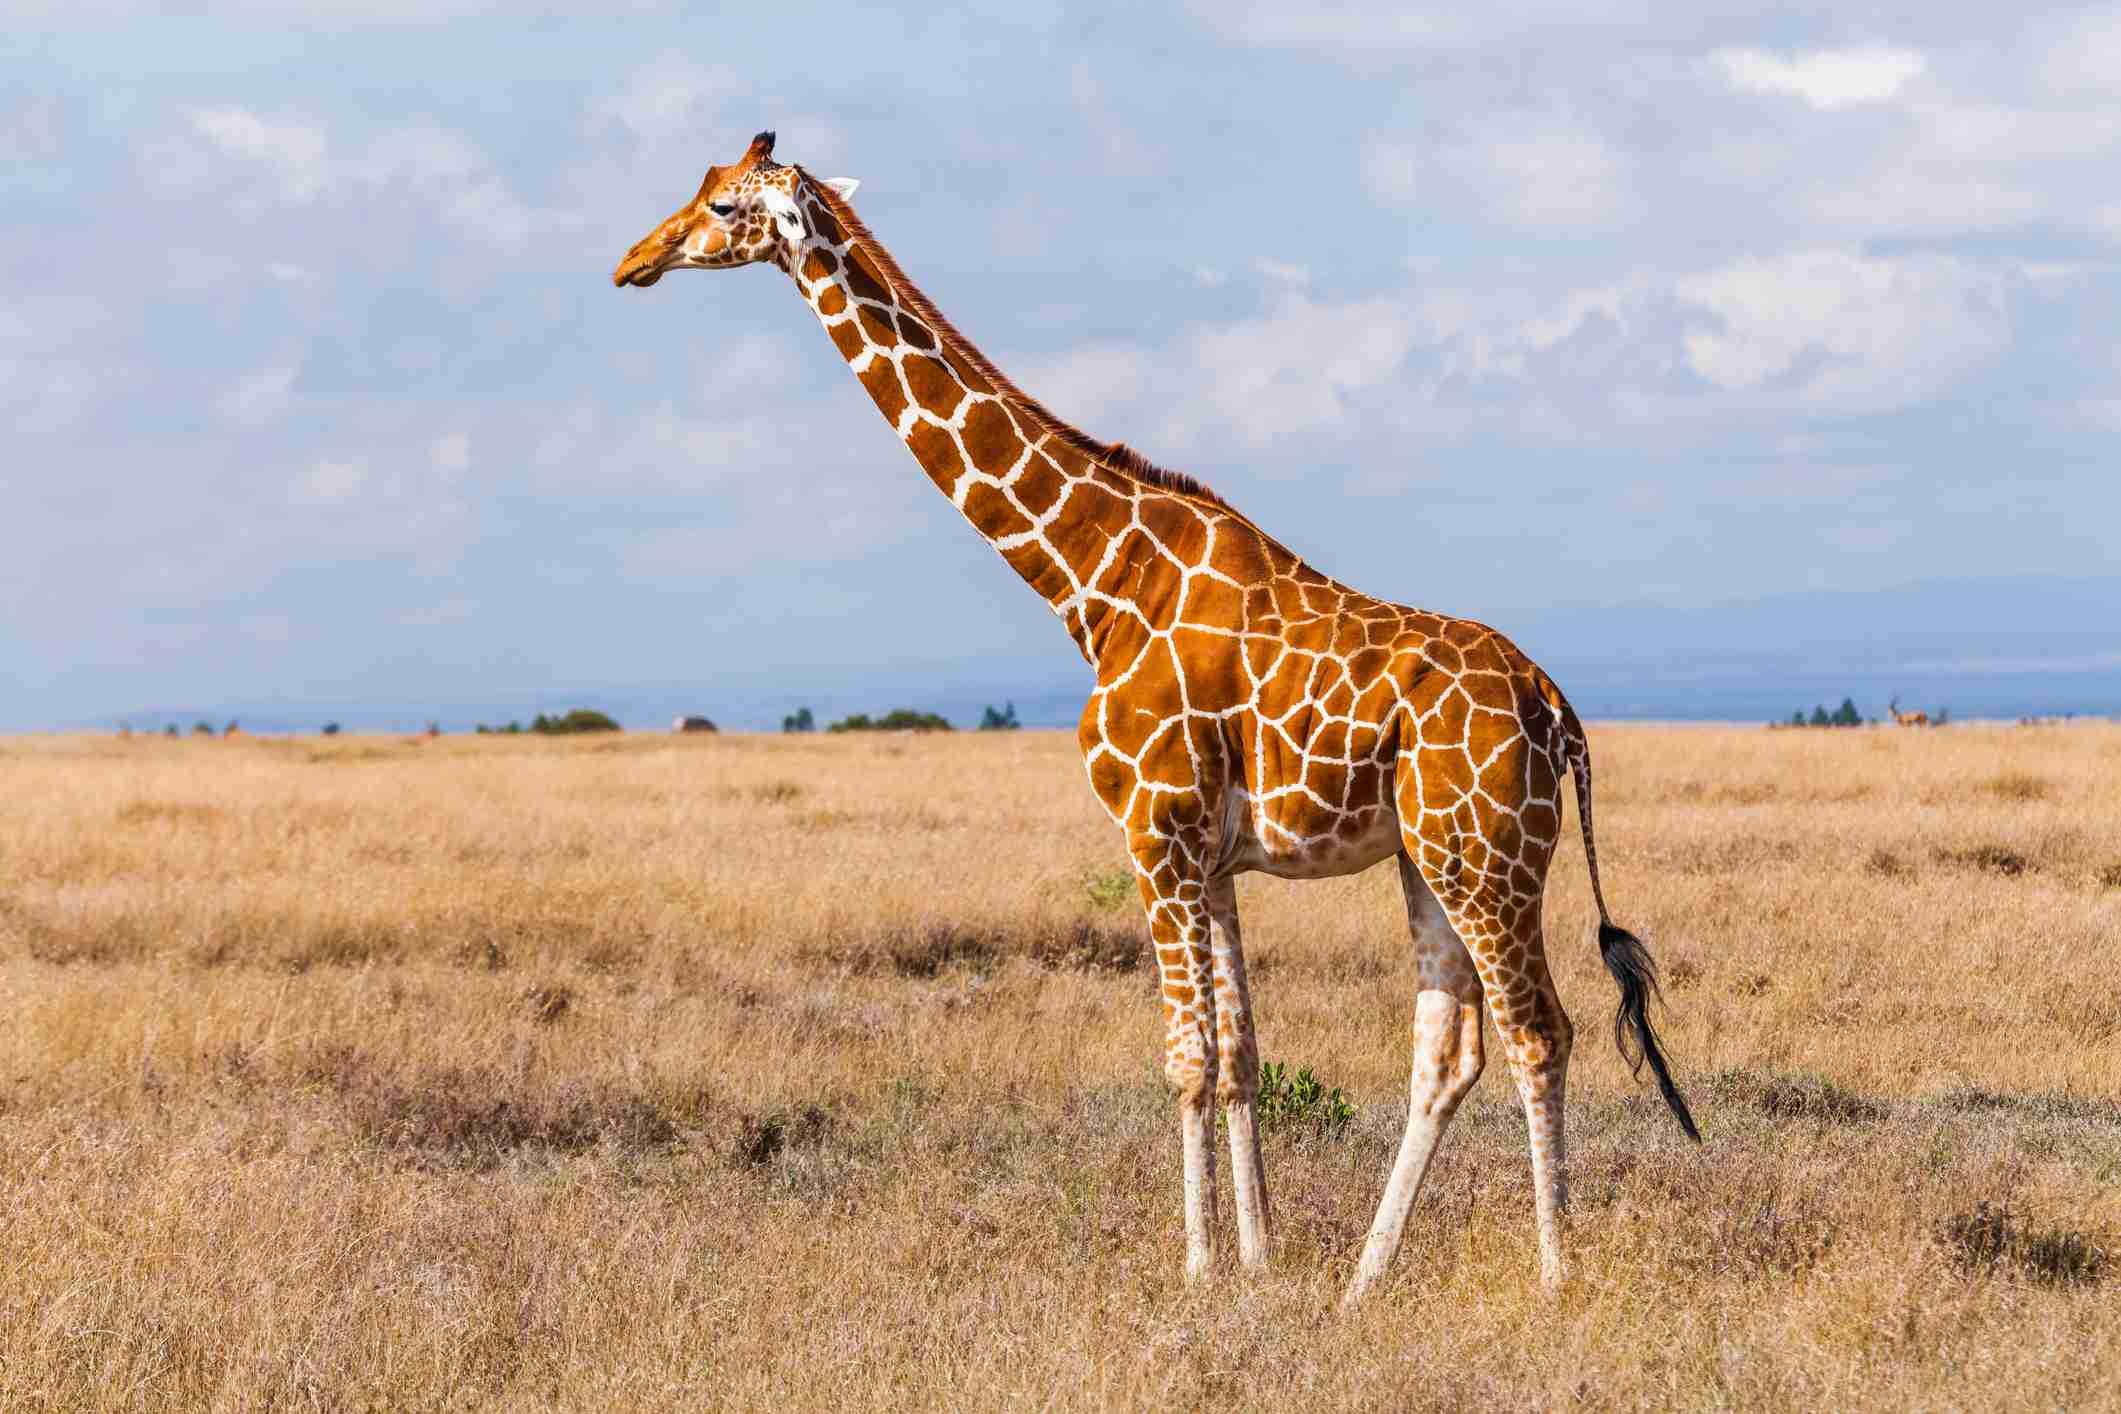 hur många magar har en giraff